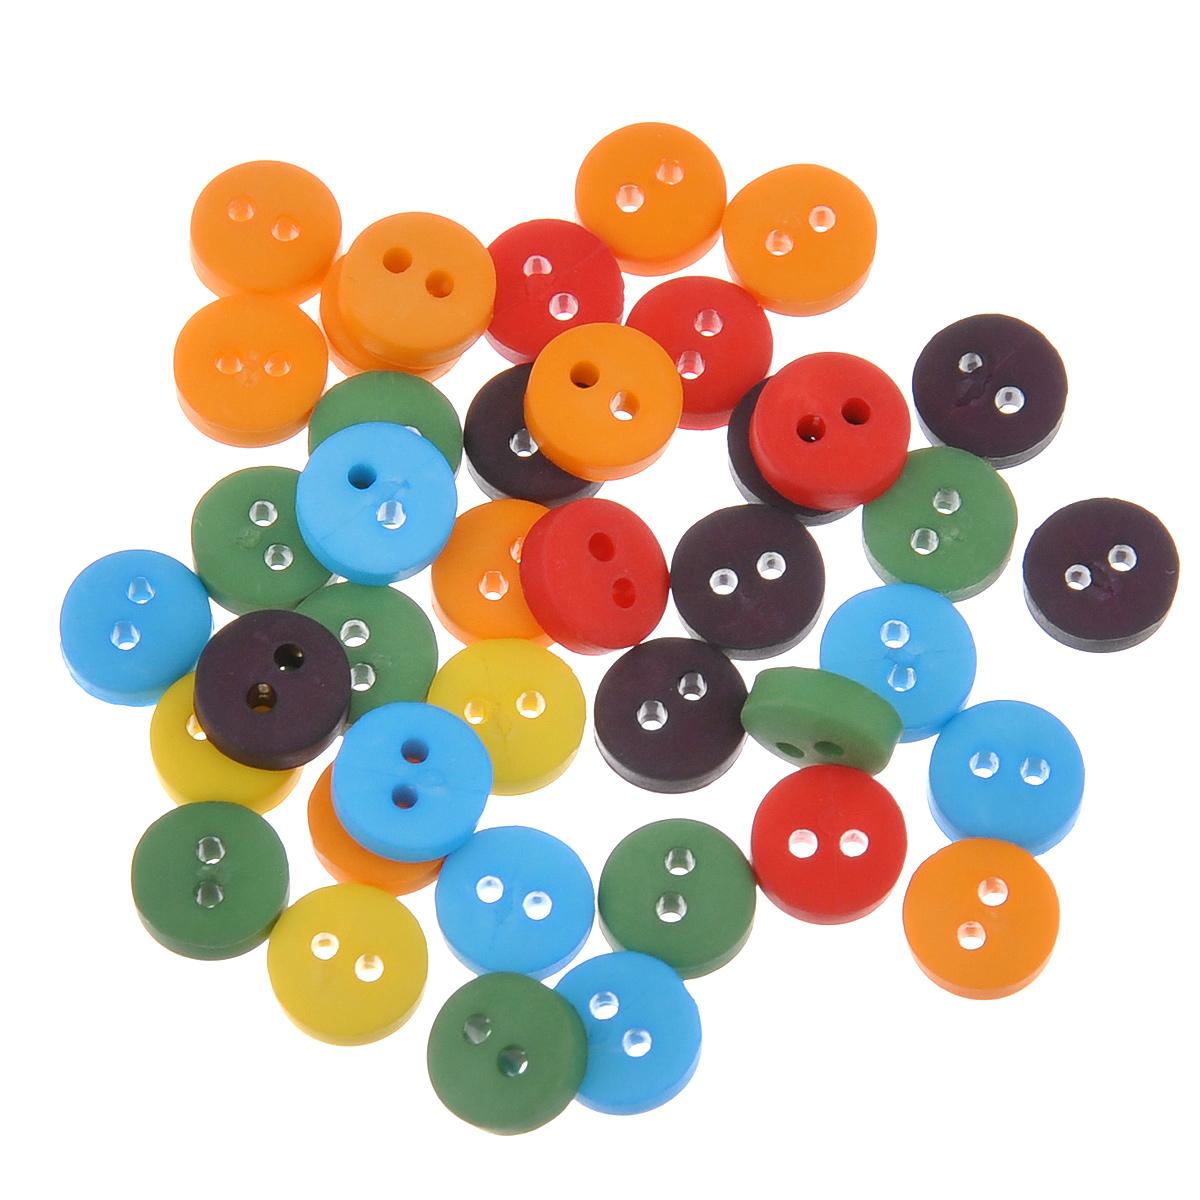 Пуговицы декоративные Buttons Galore & More Tiny Buttons, цвет: оранжевый, голубой, зеленый, диаметр 6 мм, 40 шт7708716Набор Buttons Galore & More Tiny Buttons состоит из круглых декоративных пуговиц, выполненных из пластика. Такие пуговицы подходят для любых видов творчества: скрапбукинга, декорирования, шитья, изготовления кукол, а также для оформления одежды. С их помощью вы сможете украсить открытку, фотографию, альбом, подарок и другие предметы ручной работы. Пуговицы разных цветов имеют оригинальный и яркий дизайн. Диаметр пу